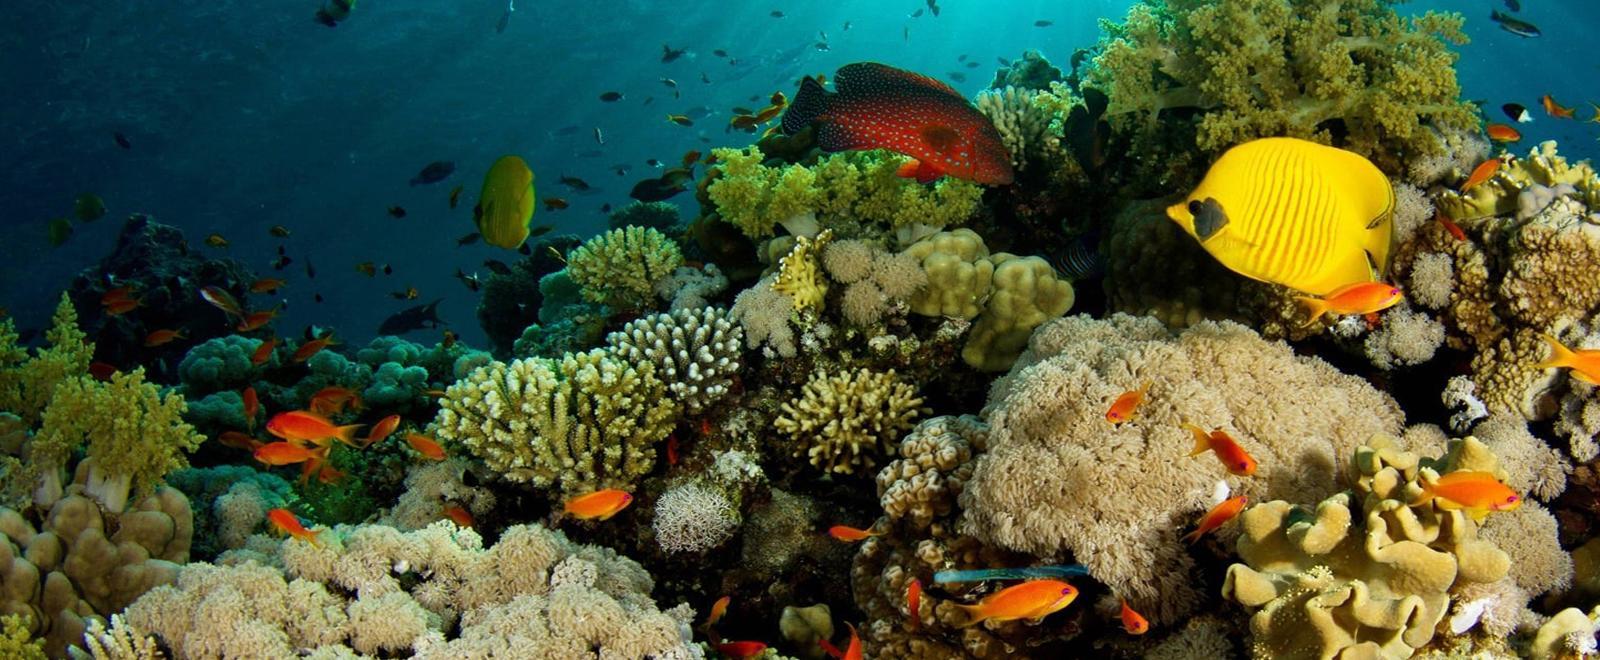 L'affascinante barriera corallina: Prede e predatori